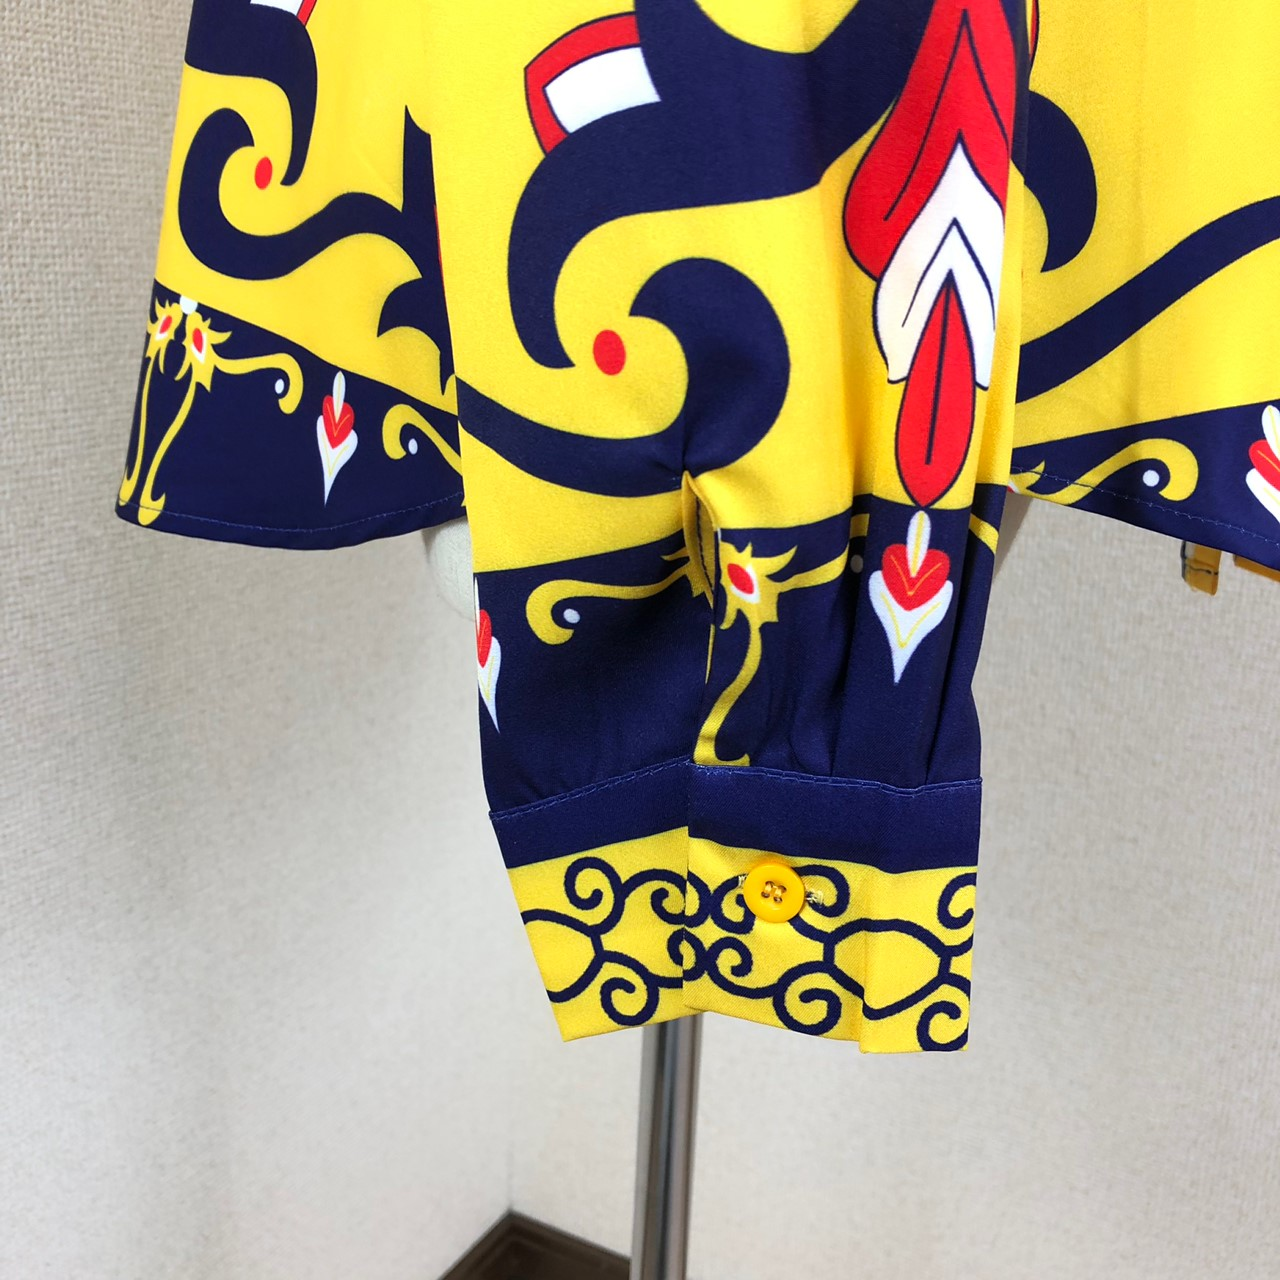 韓国 ファッション トップス ブラウス シャツ 秋 冬 パーティー ブライダル PTXD351  ビビッド レトロ オリエンタル スカーフ柄 ドレス オフィス 二次会 セレブ きれいめの写真17枚目